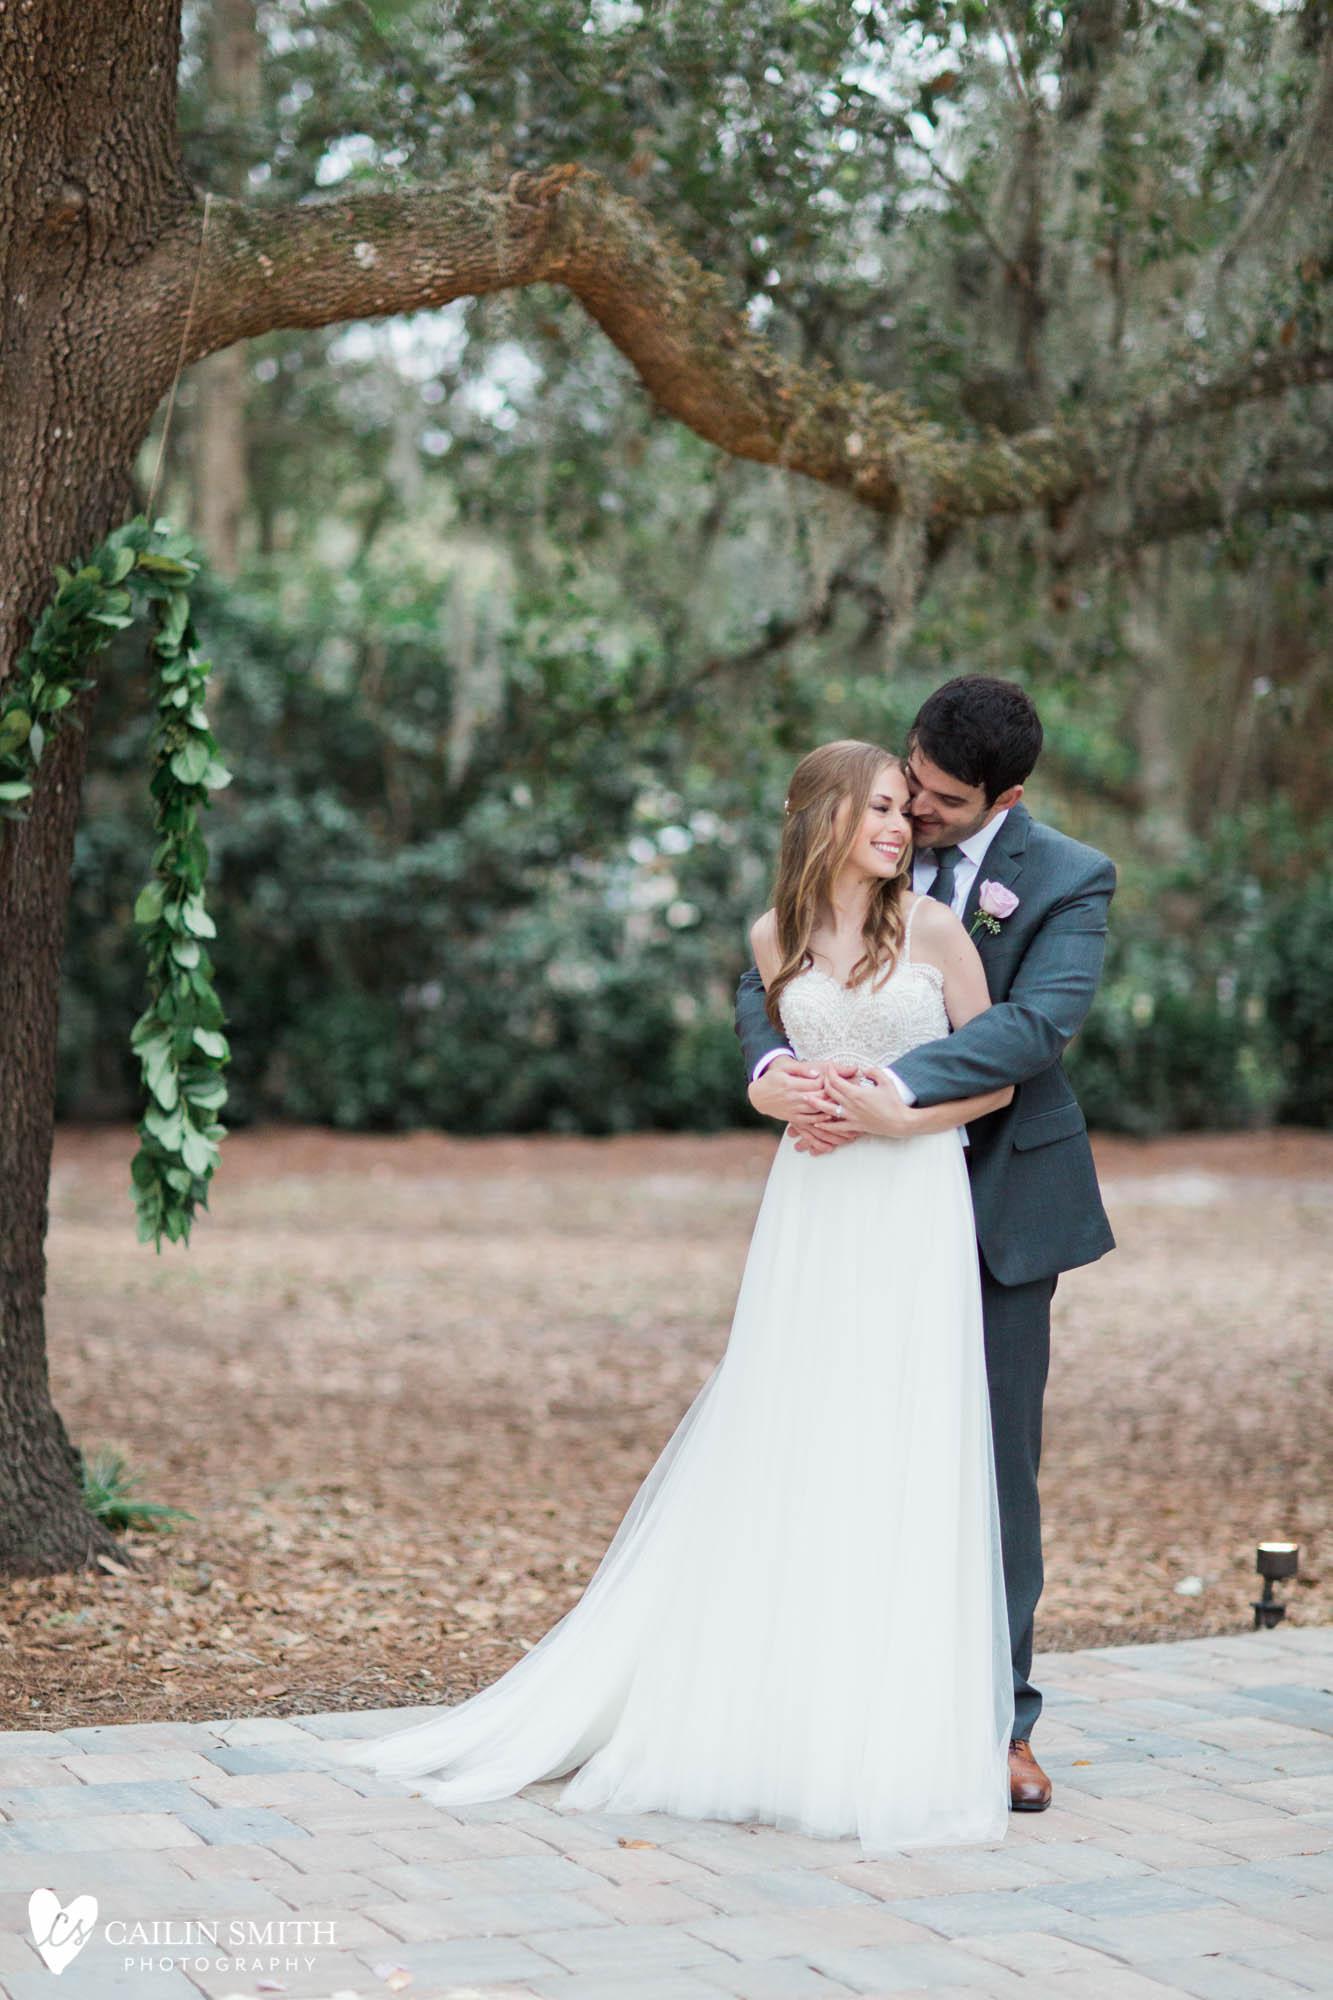 Sylvia_Anthony_Bowing_Oaks_Plantation_Wedding_Photography_0079.jpg